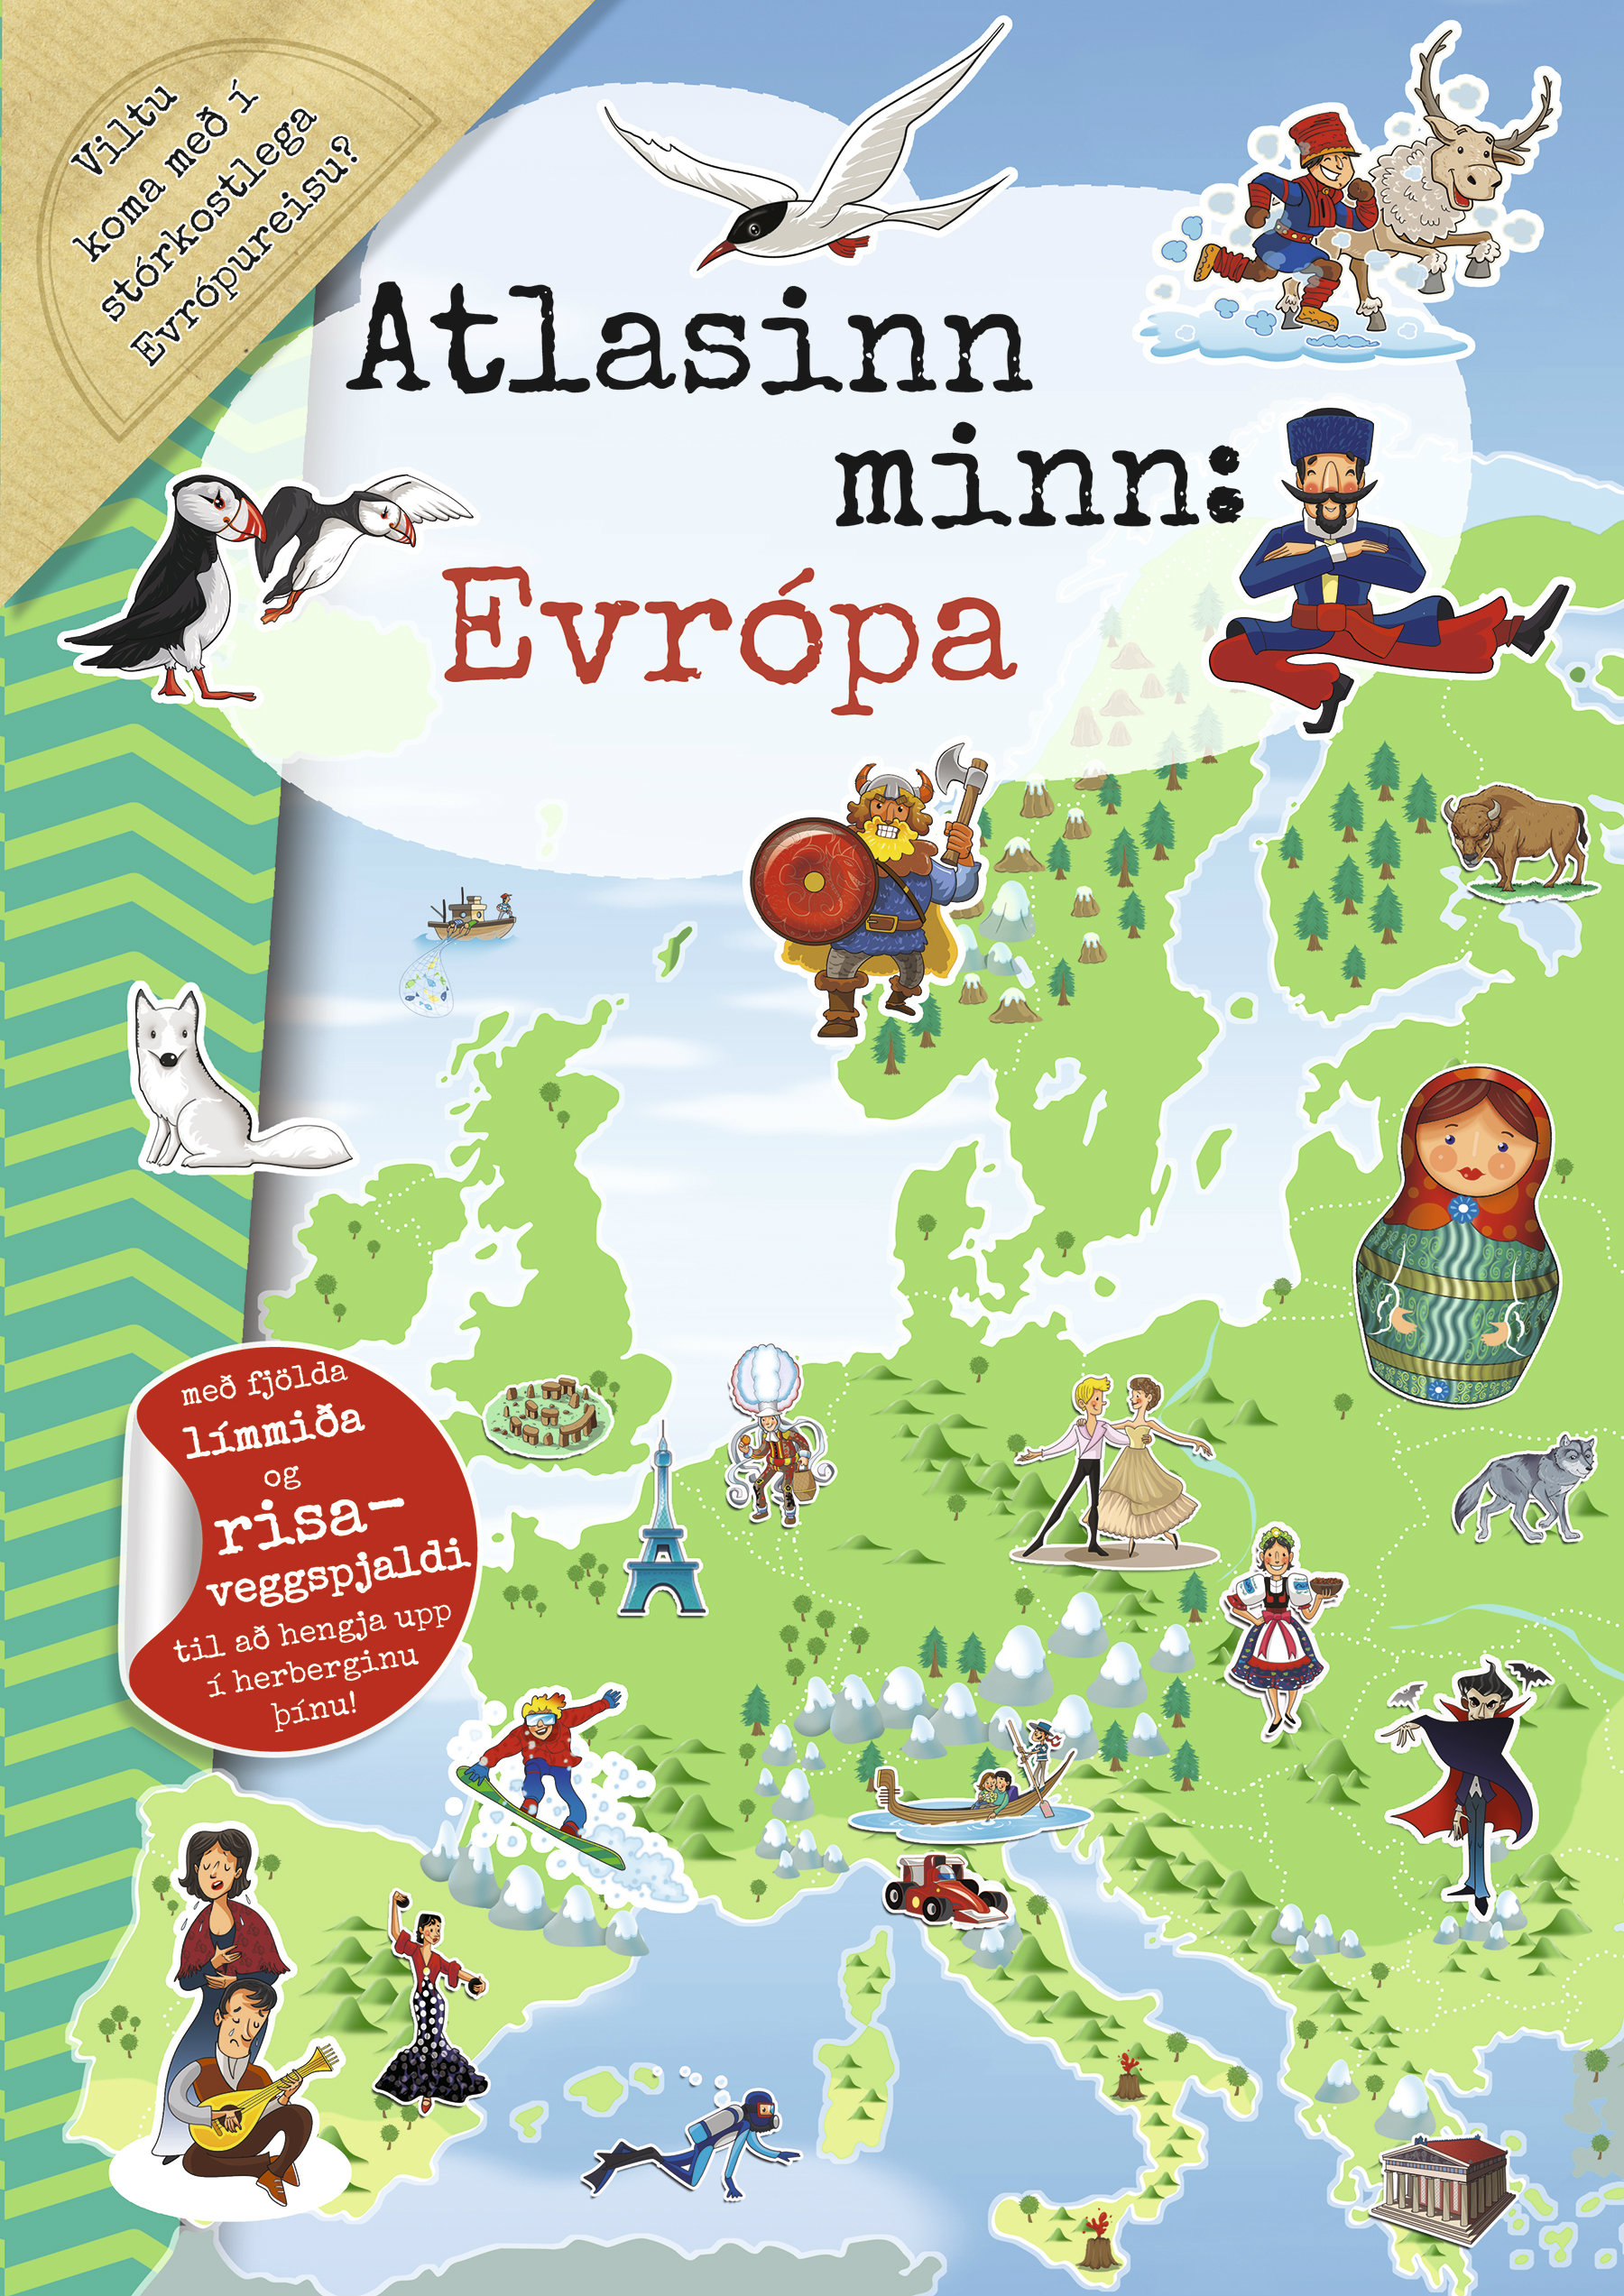 Atlasinn minn - Evrópa